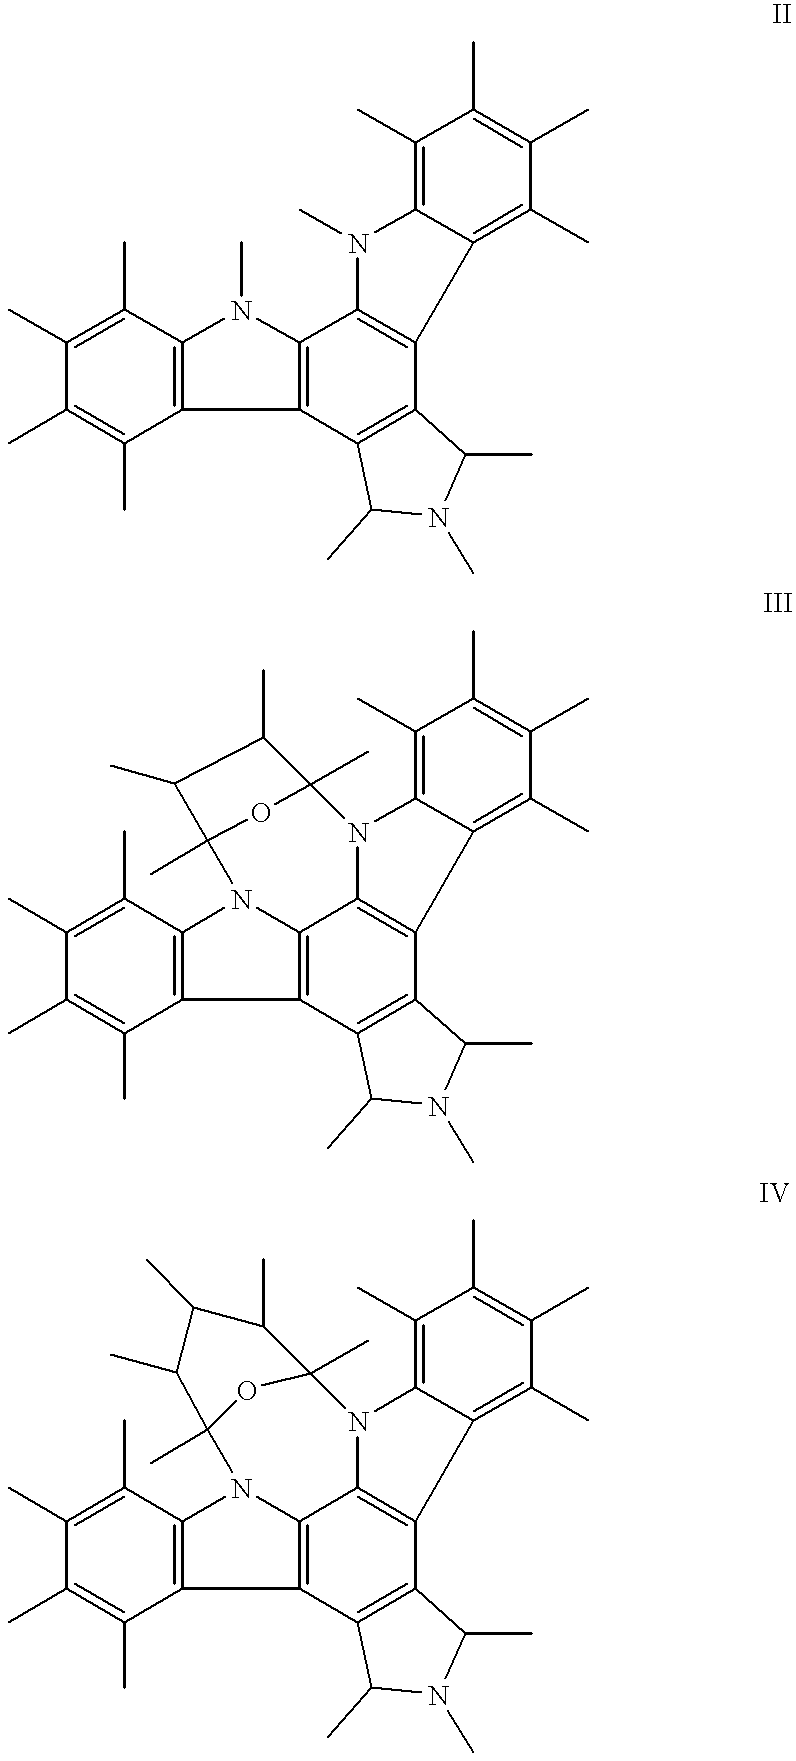 Figure US06171609-20010109-C00002